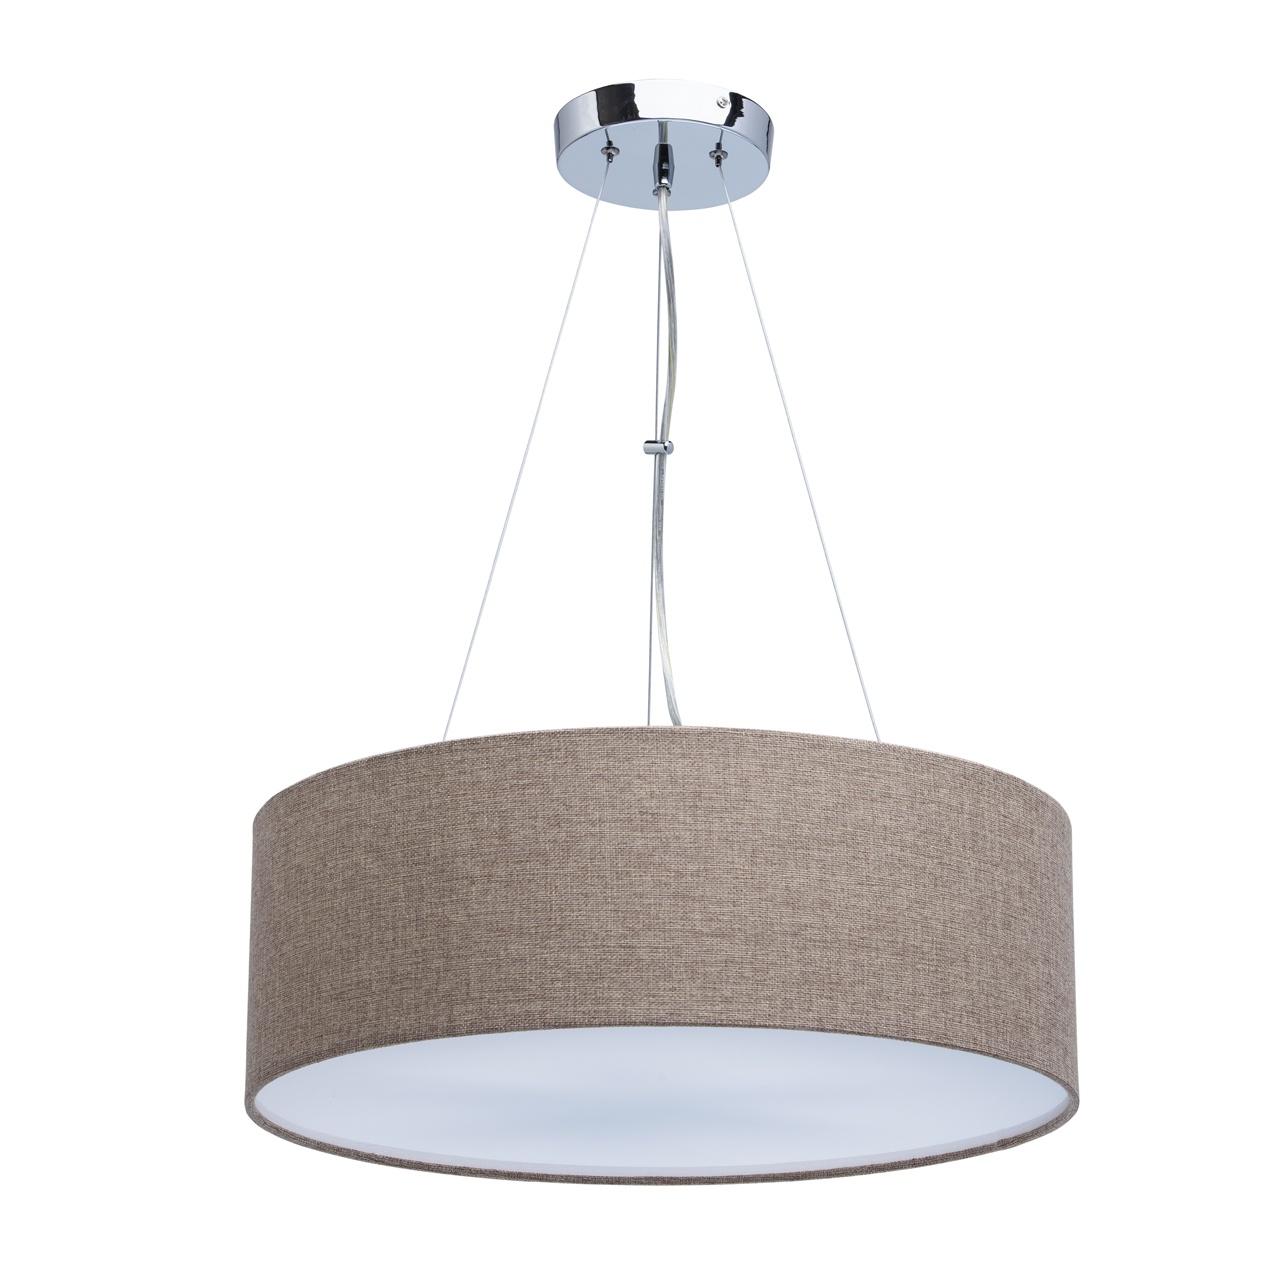 453011106 Дафна 6*40W E27 220 V люстра453011106Люстра «Дафна» — прекрасное решение для освещения интерьера в скандинавском стиле. Абажур из домотканого полотна натурального бежевого цвета смотрится атмосферно и уютно. Источники света снизу закрыты вставкой из акрила, что дает слегка приглушенное, интимное освещение. Идеальный вариант для зонального освещения.